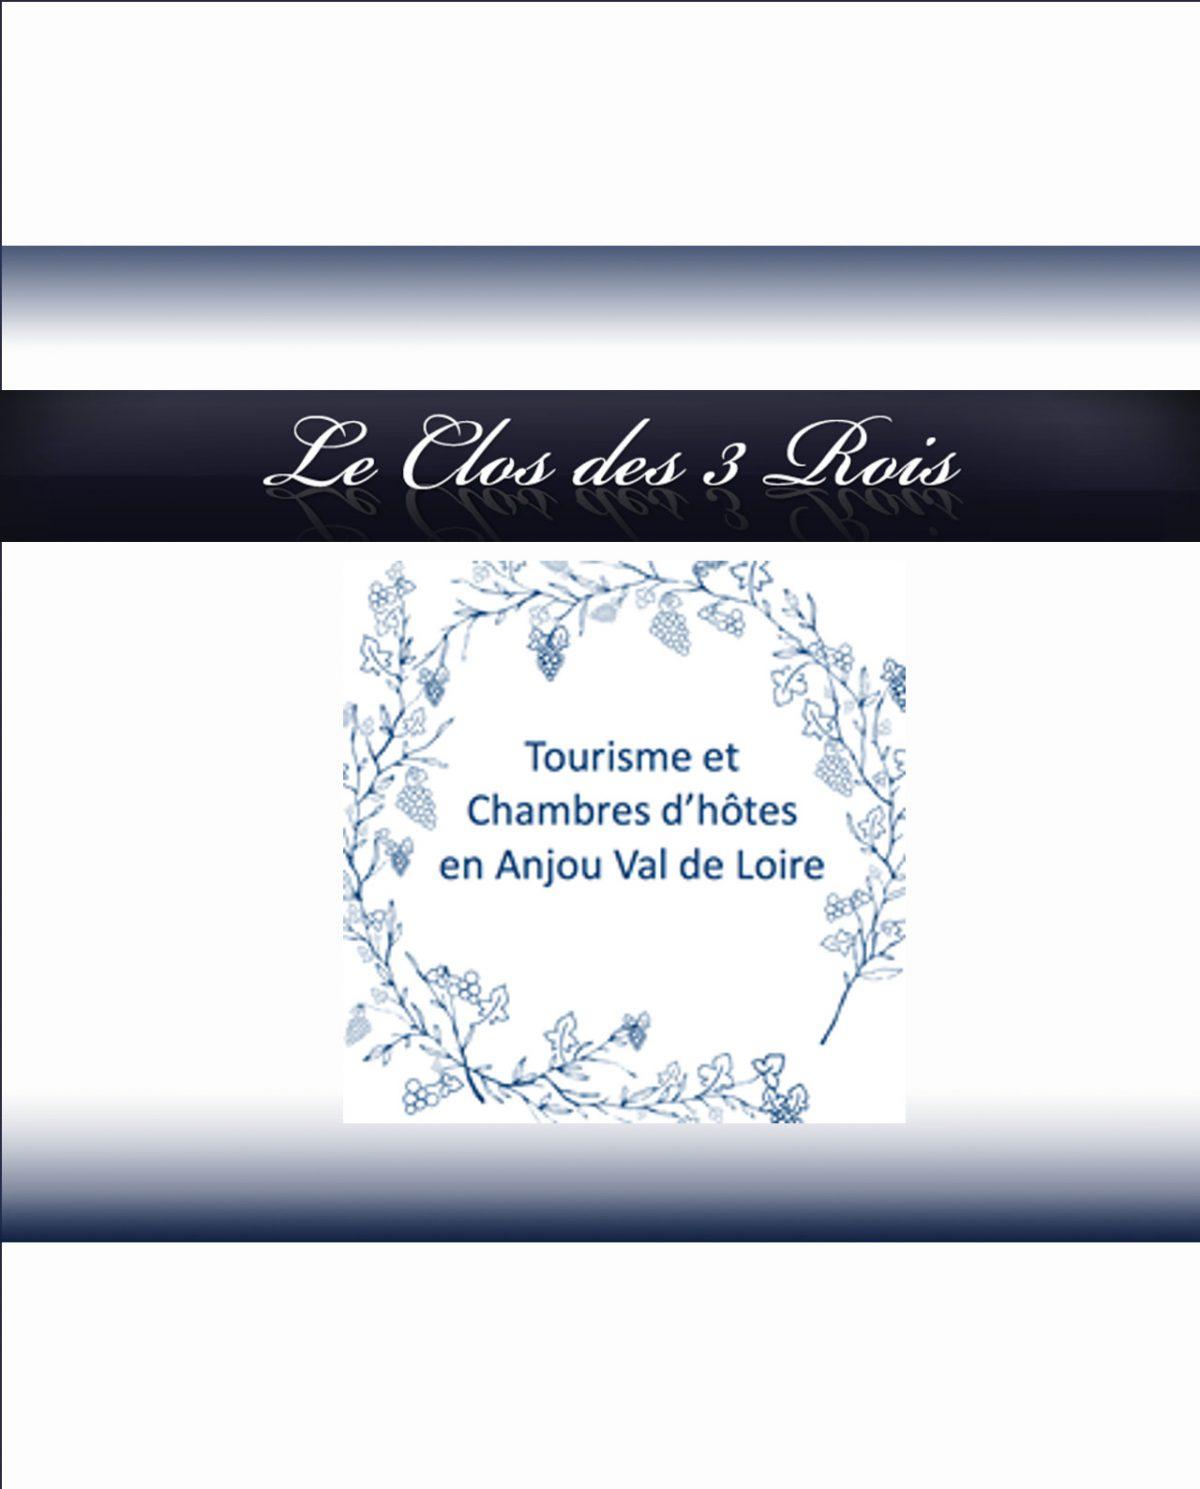 Le Clos des 3 rois à Bellevigne-en-Layon